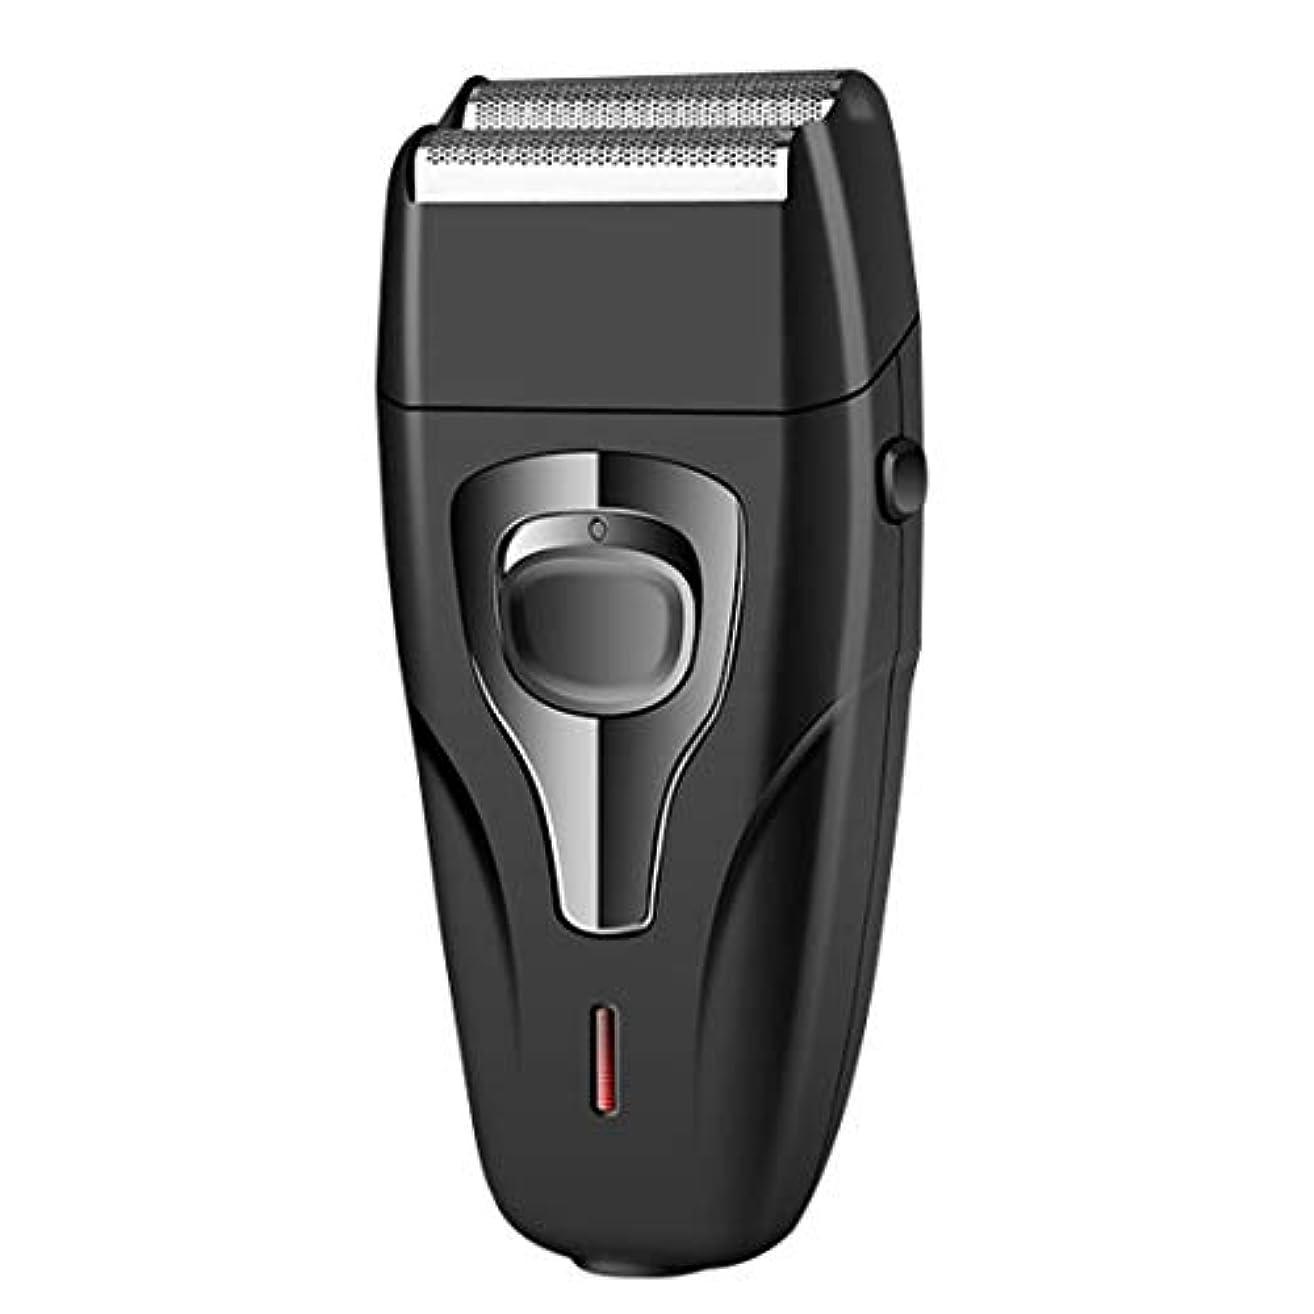 ボーナス長くする恐ろしいです充電式電気シェーバー用男性ツインブレード往復かみそりフェイスケア多機能髪ひげトリマー理容ツール